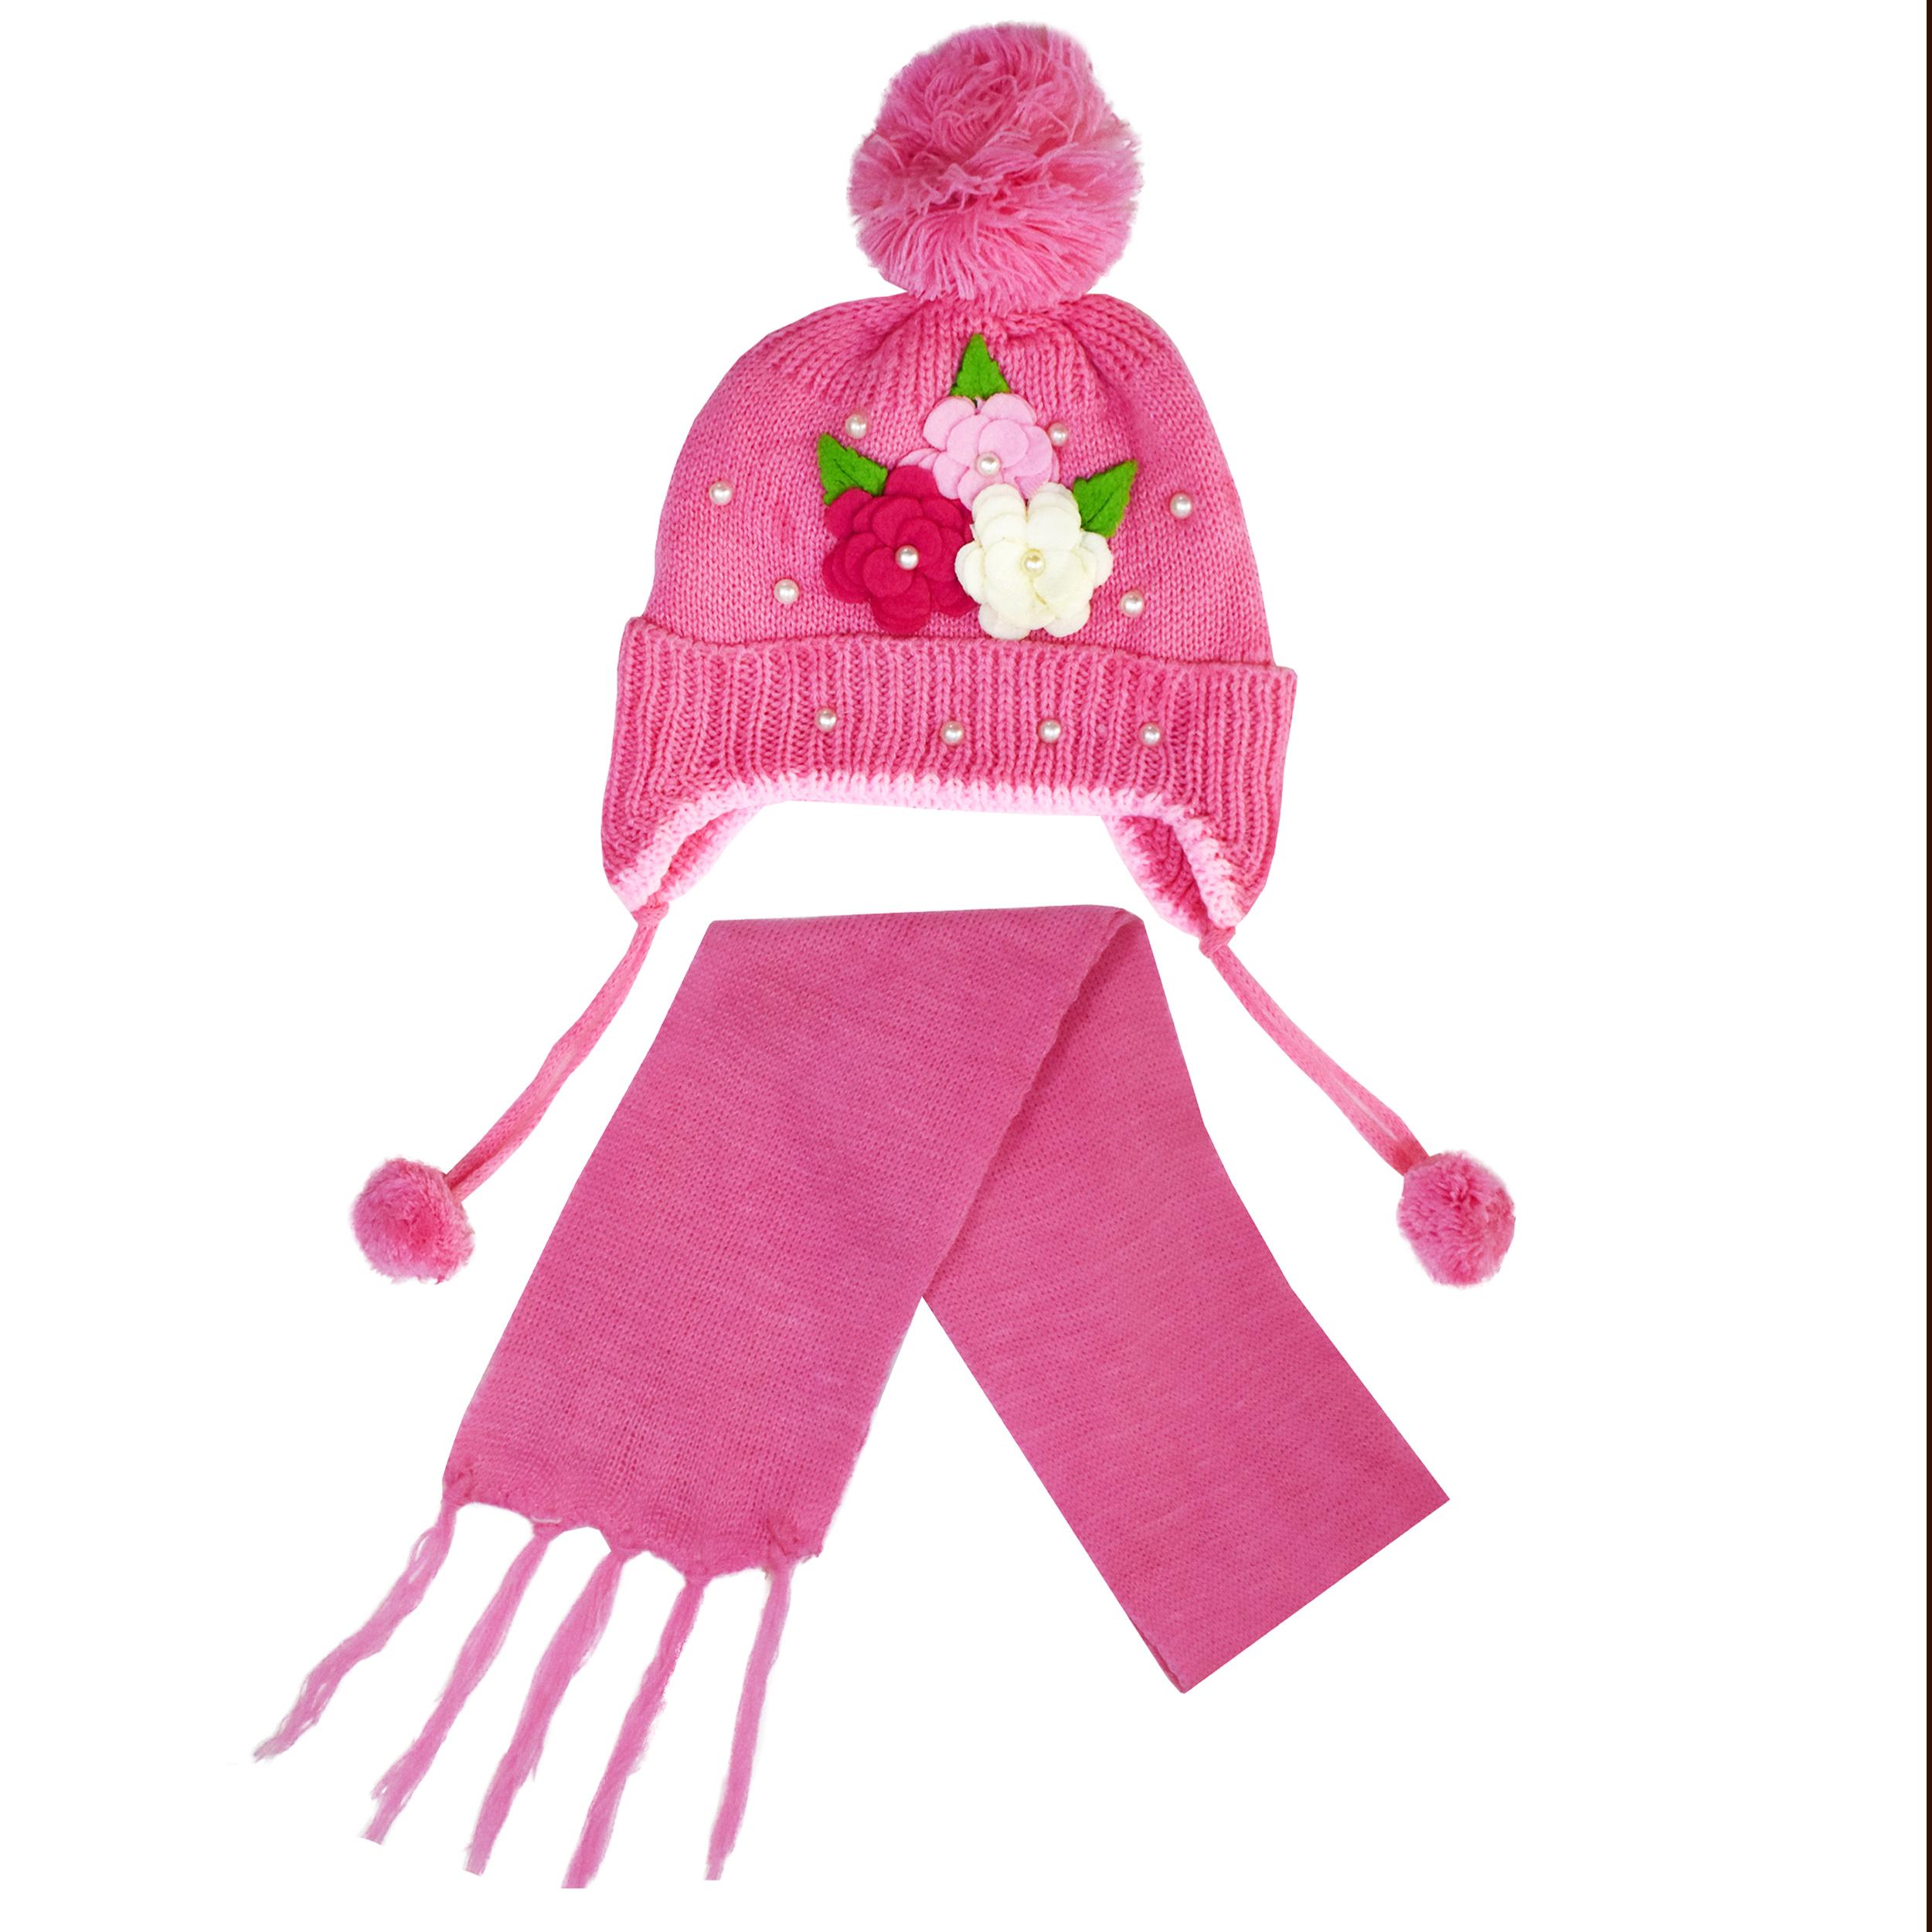 ست کلاه و دستکش بافتنی دخترانه مدل Memol 568